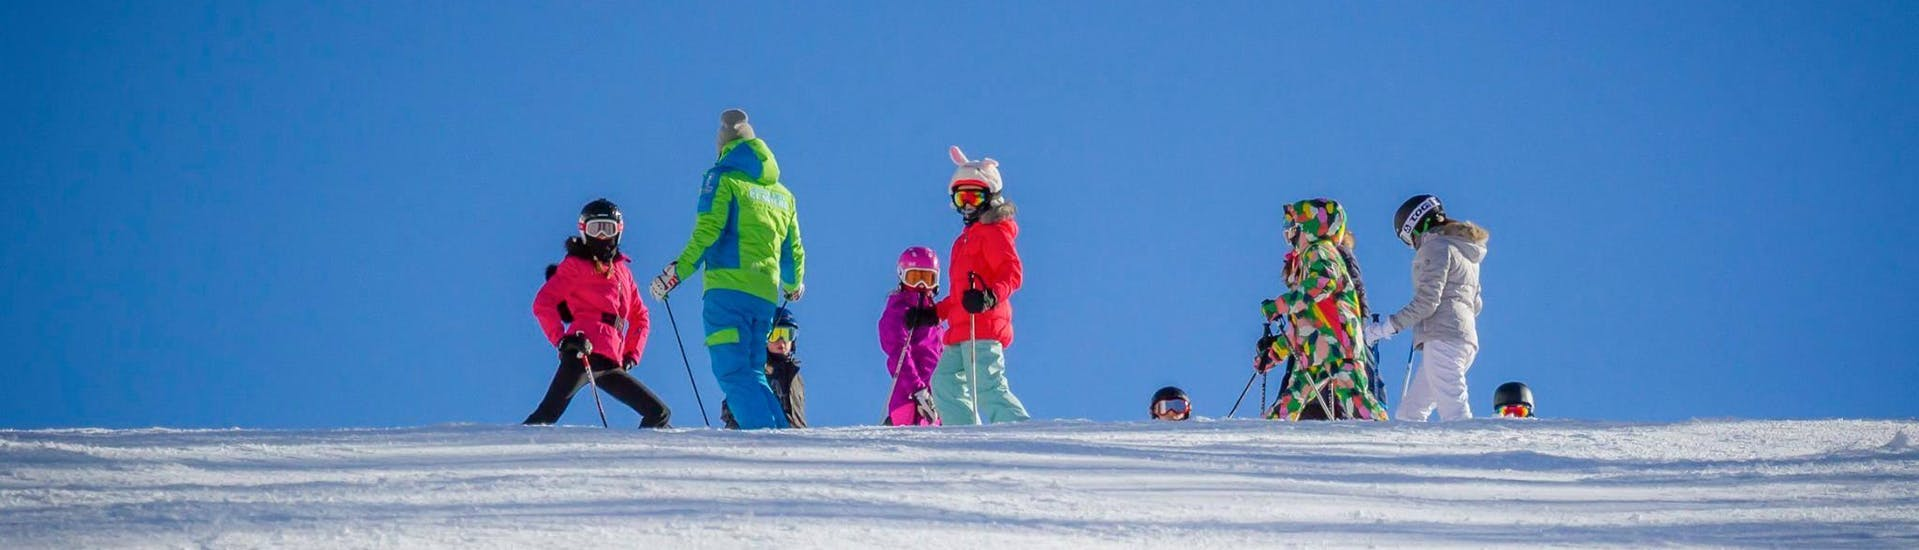 Cours de ski Enfants dès 4 ans pour Tous niveaux avec Scuola di Sci Claviere - Hero image